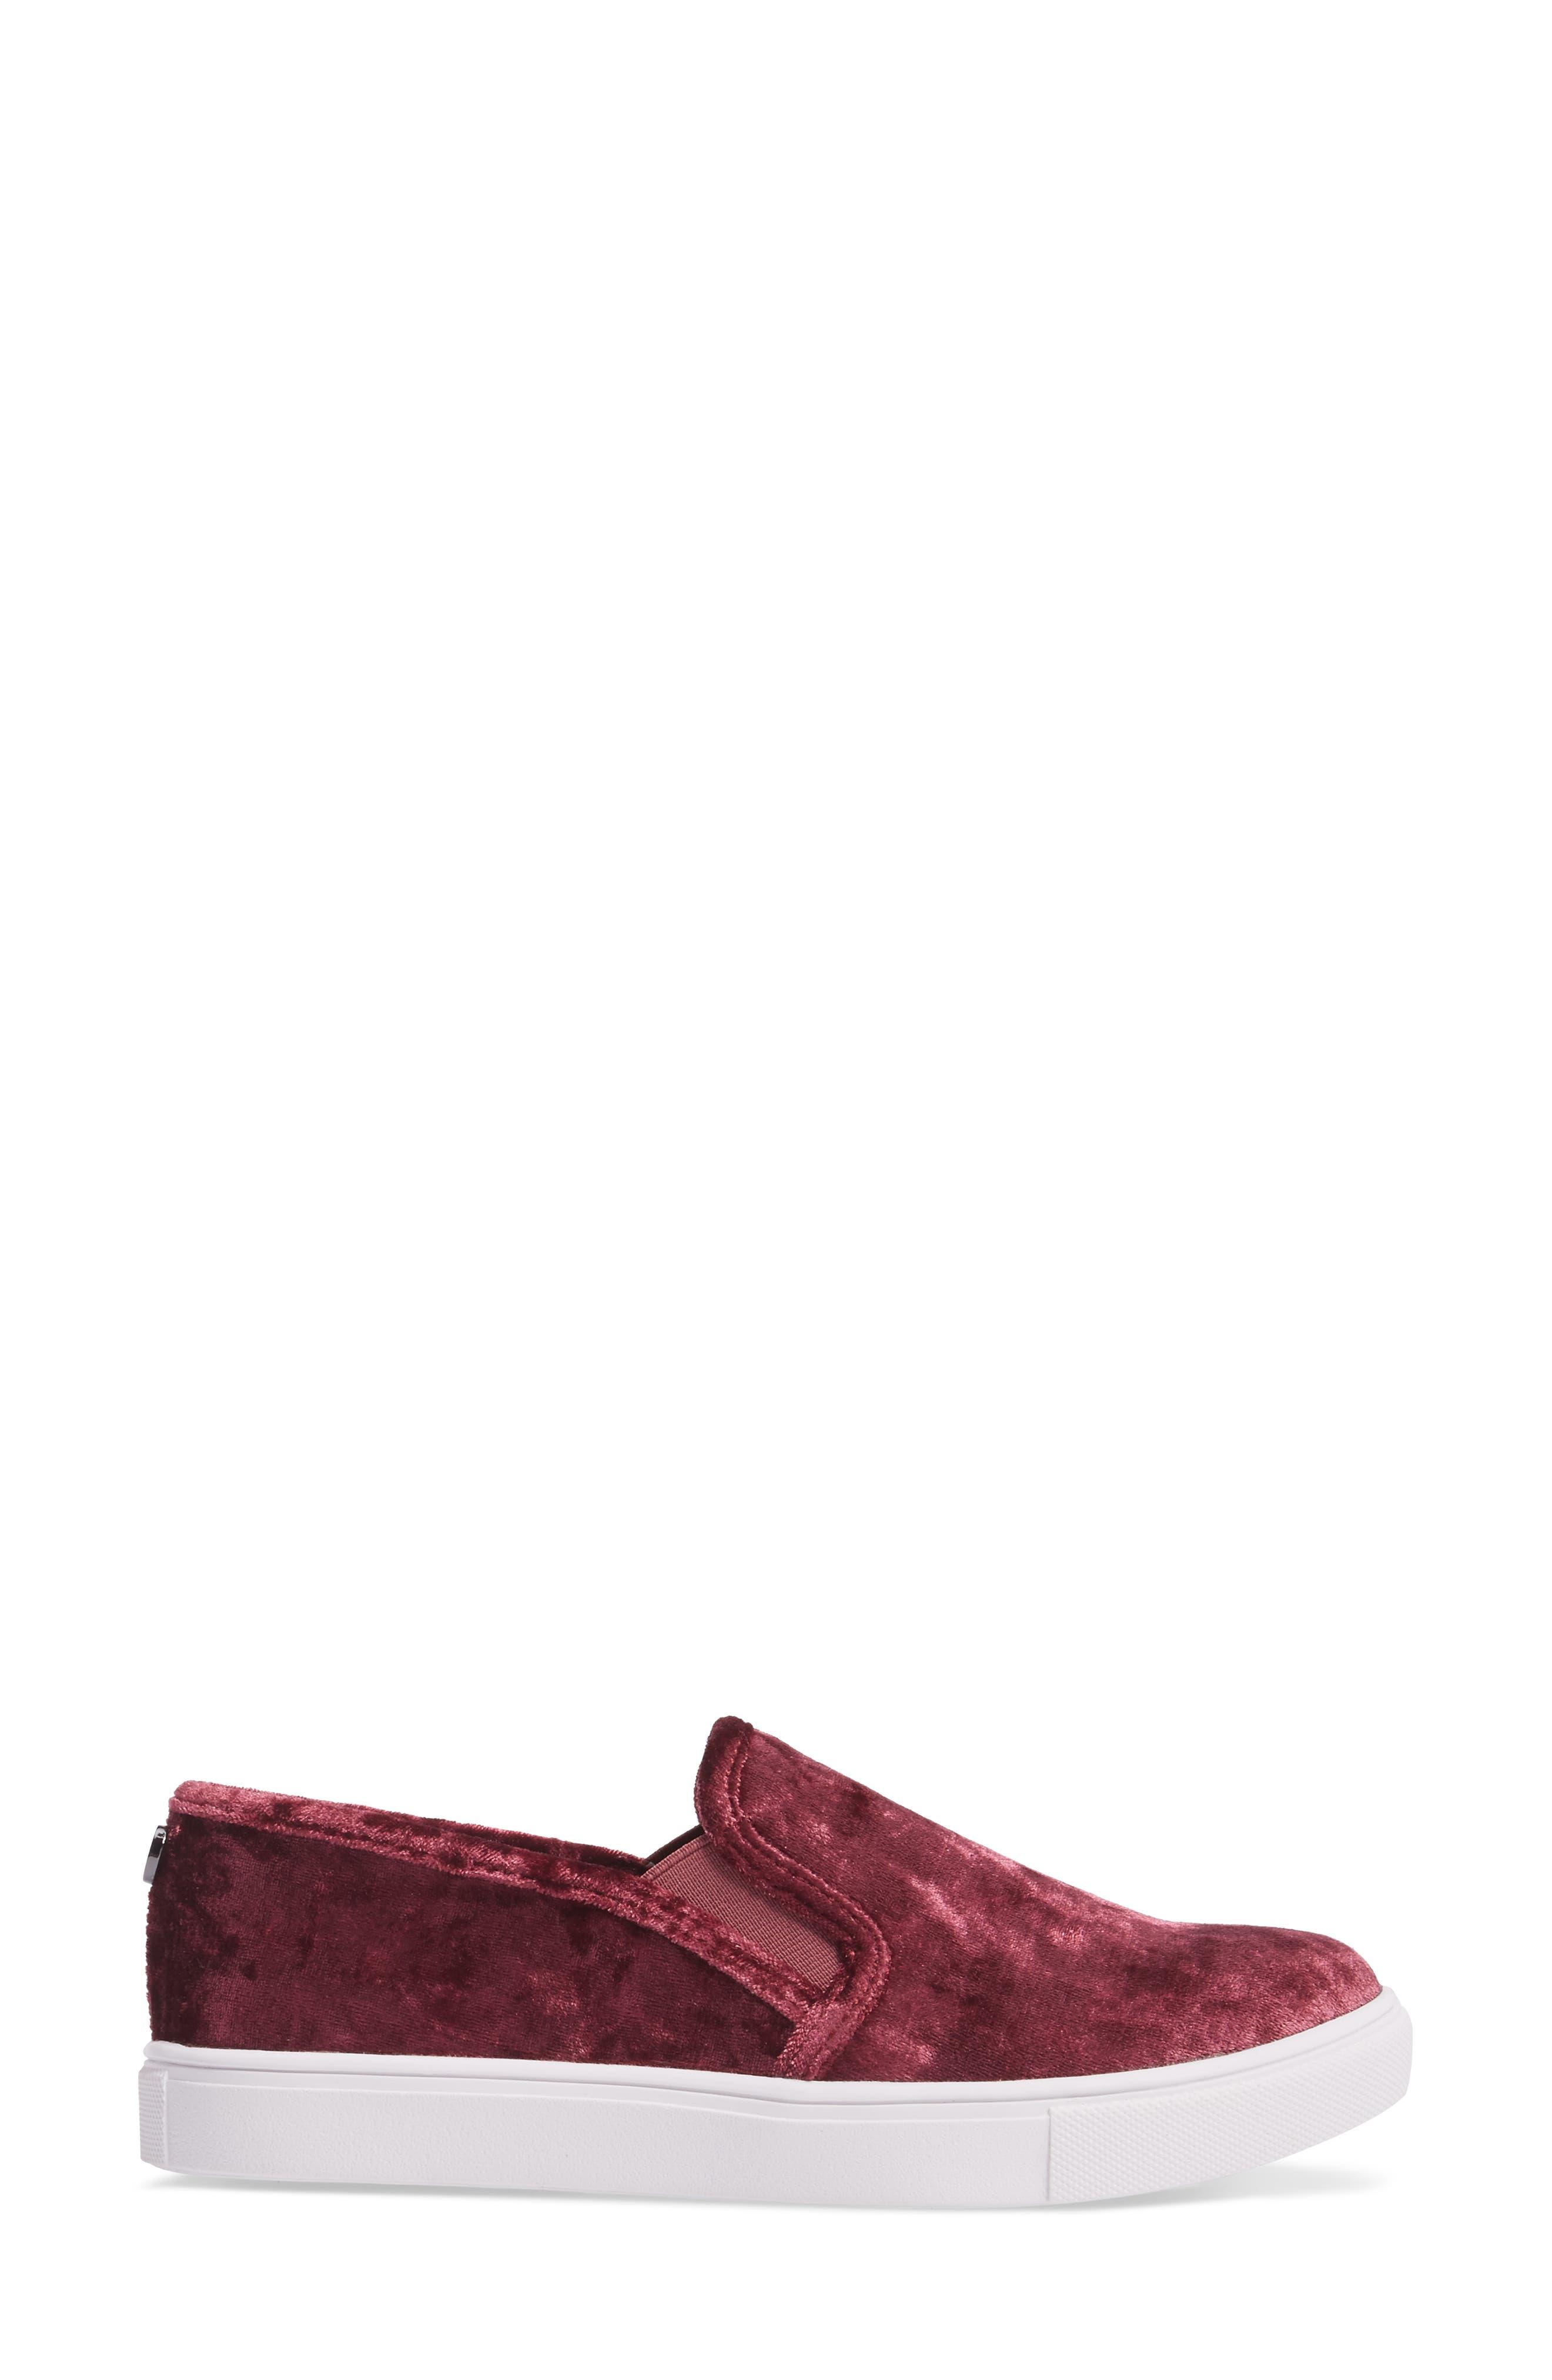 Ecntrcv Slip-On Sneaker,                             Alternate thumbnail 15, color,